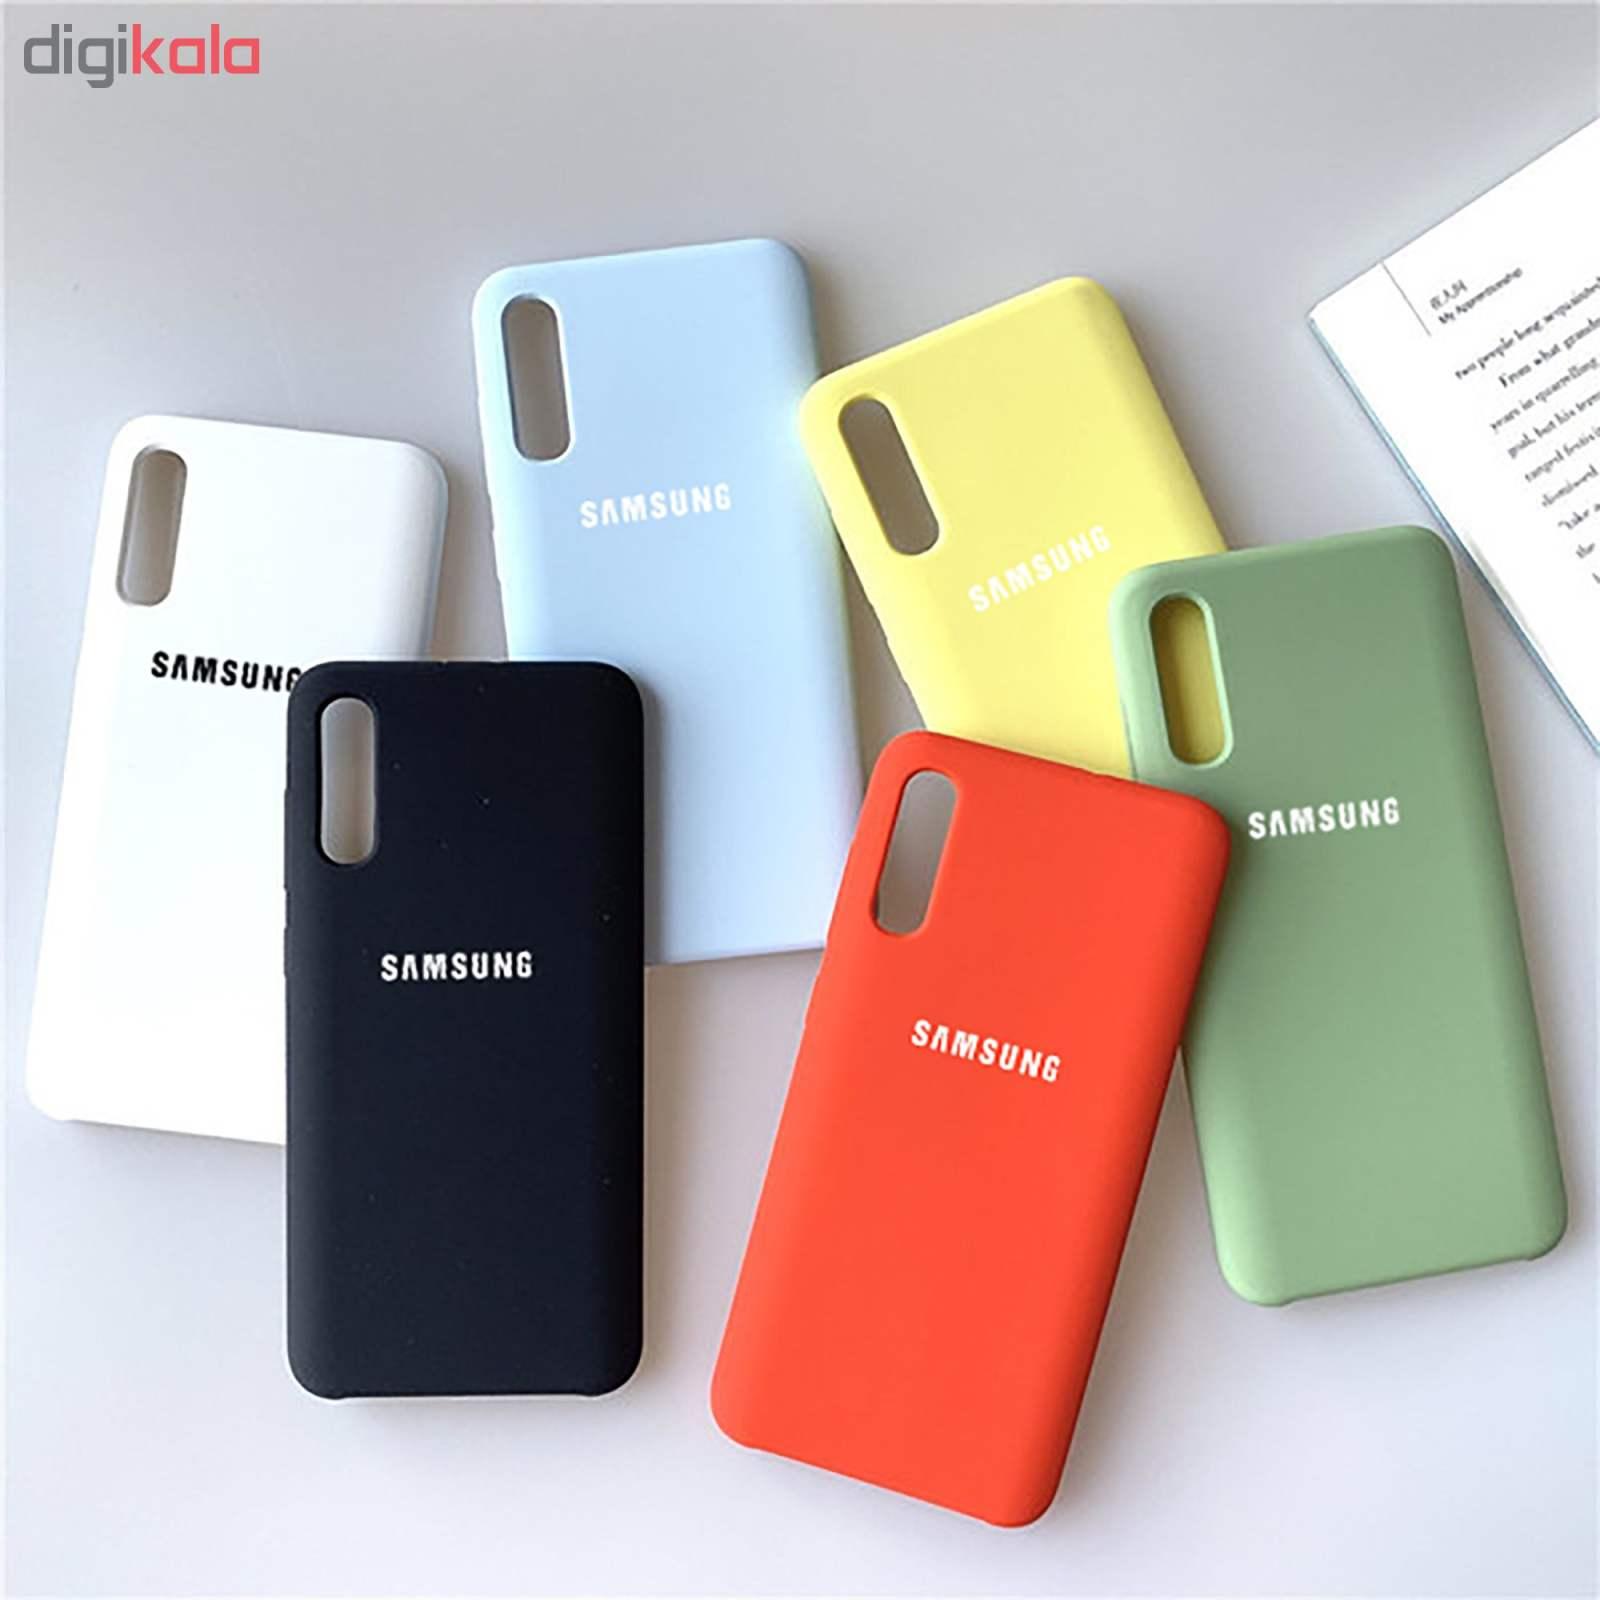 کاور مدل Silc مناسب برای گوشی موبایل سامسونگ Galaxy A50 main 1 19